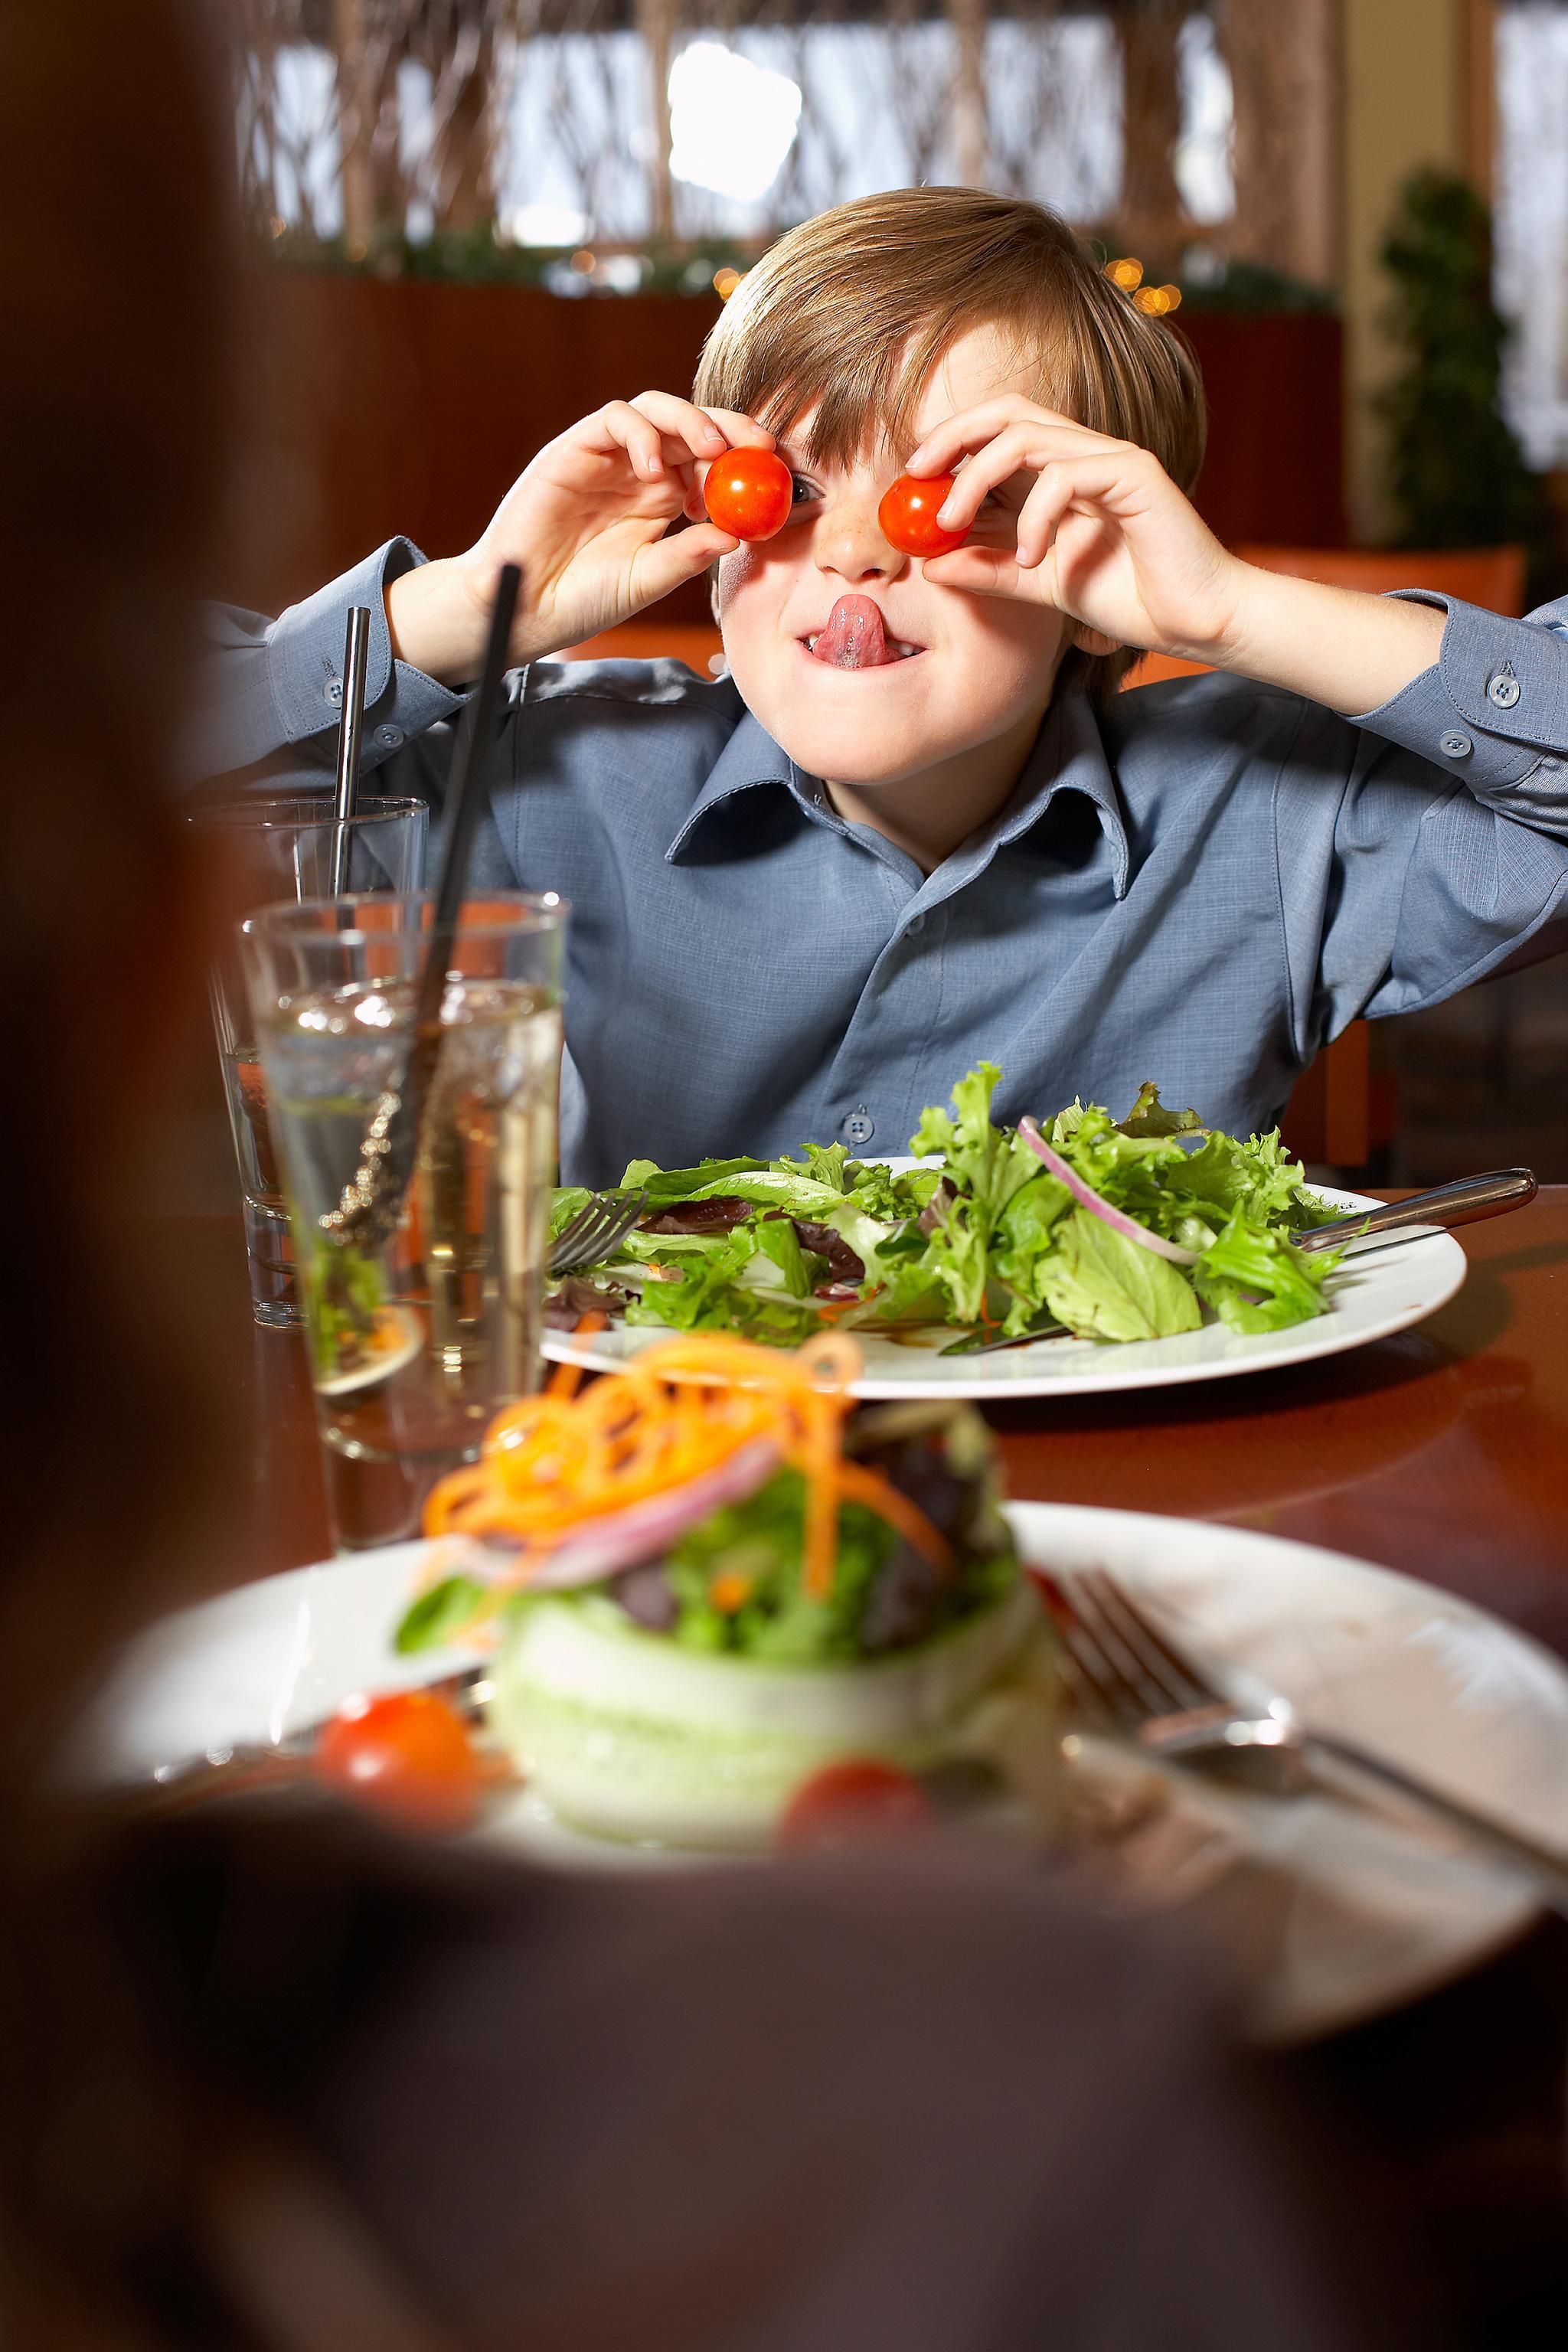 rossz látás és táplálkozás)